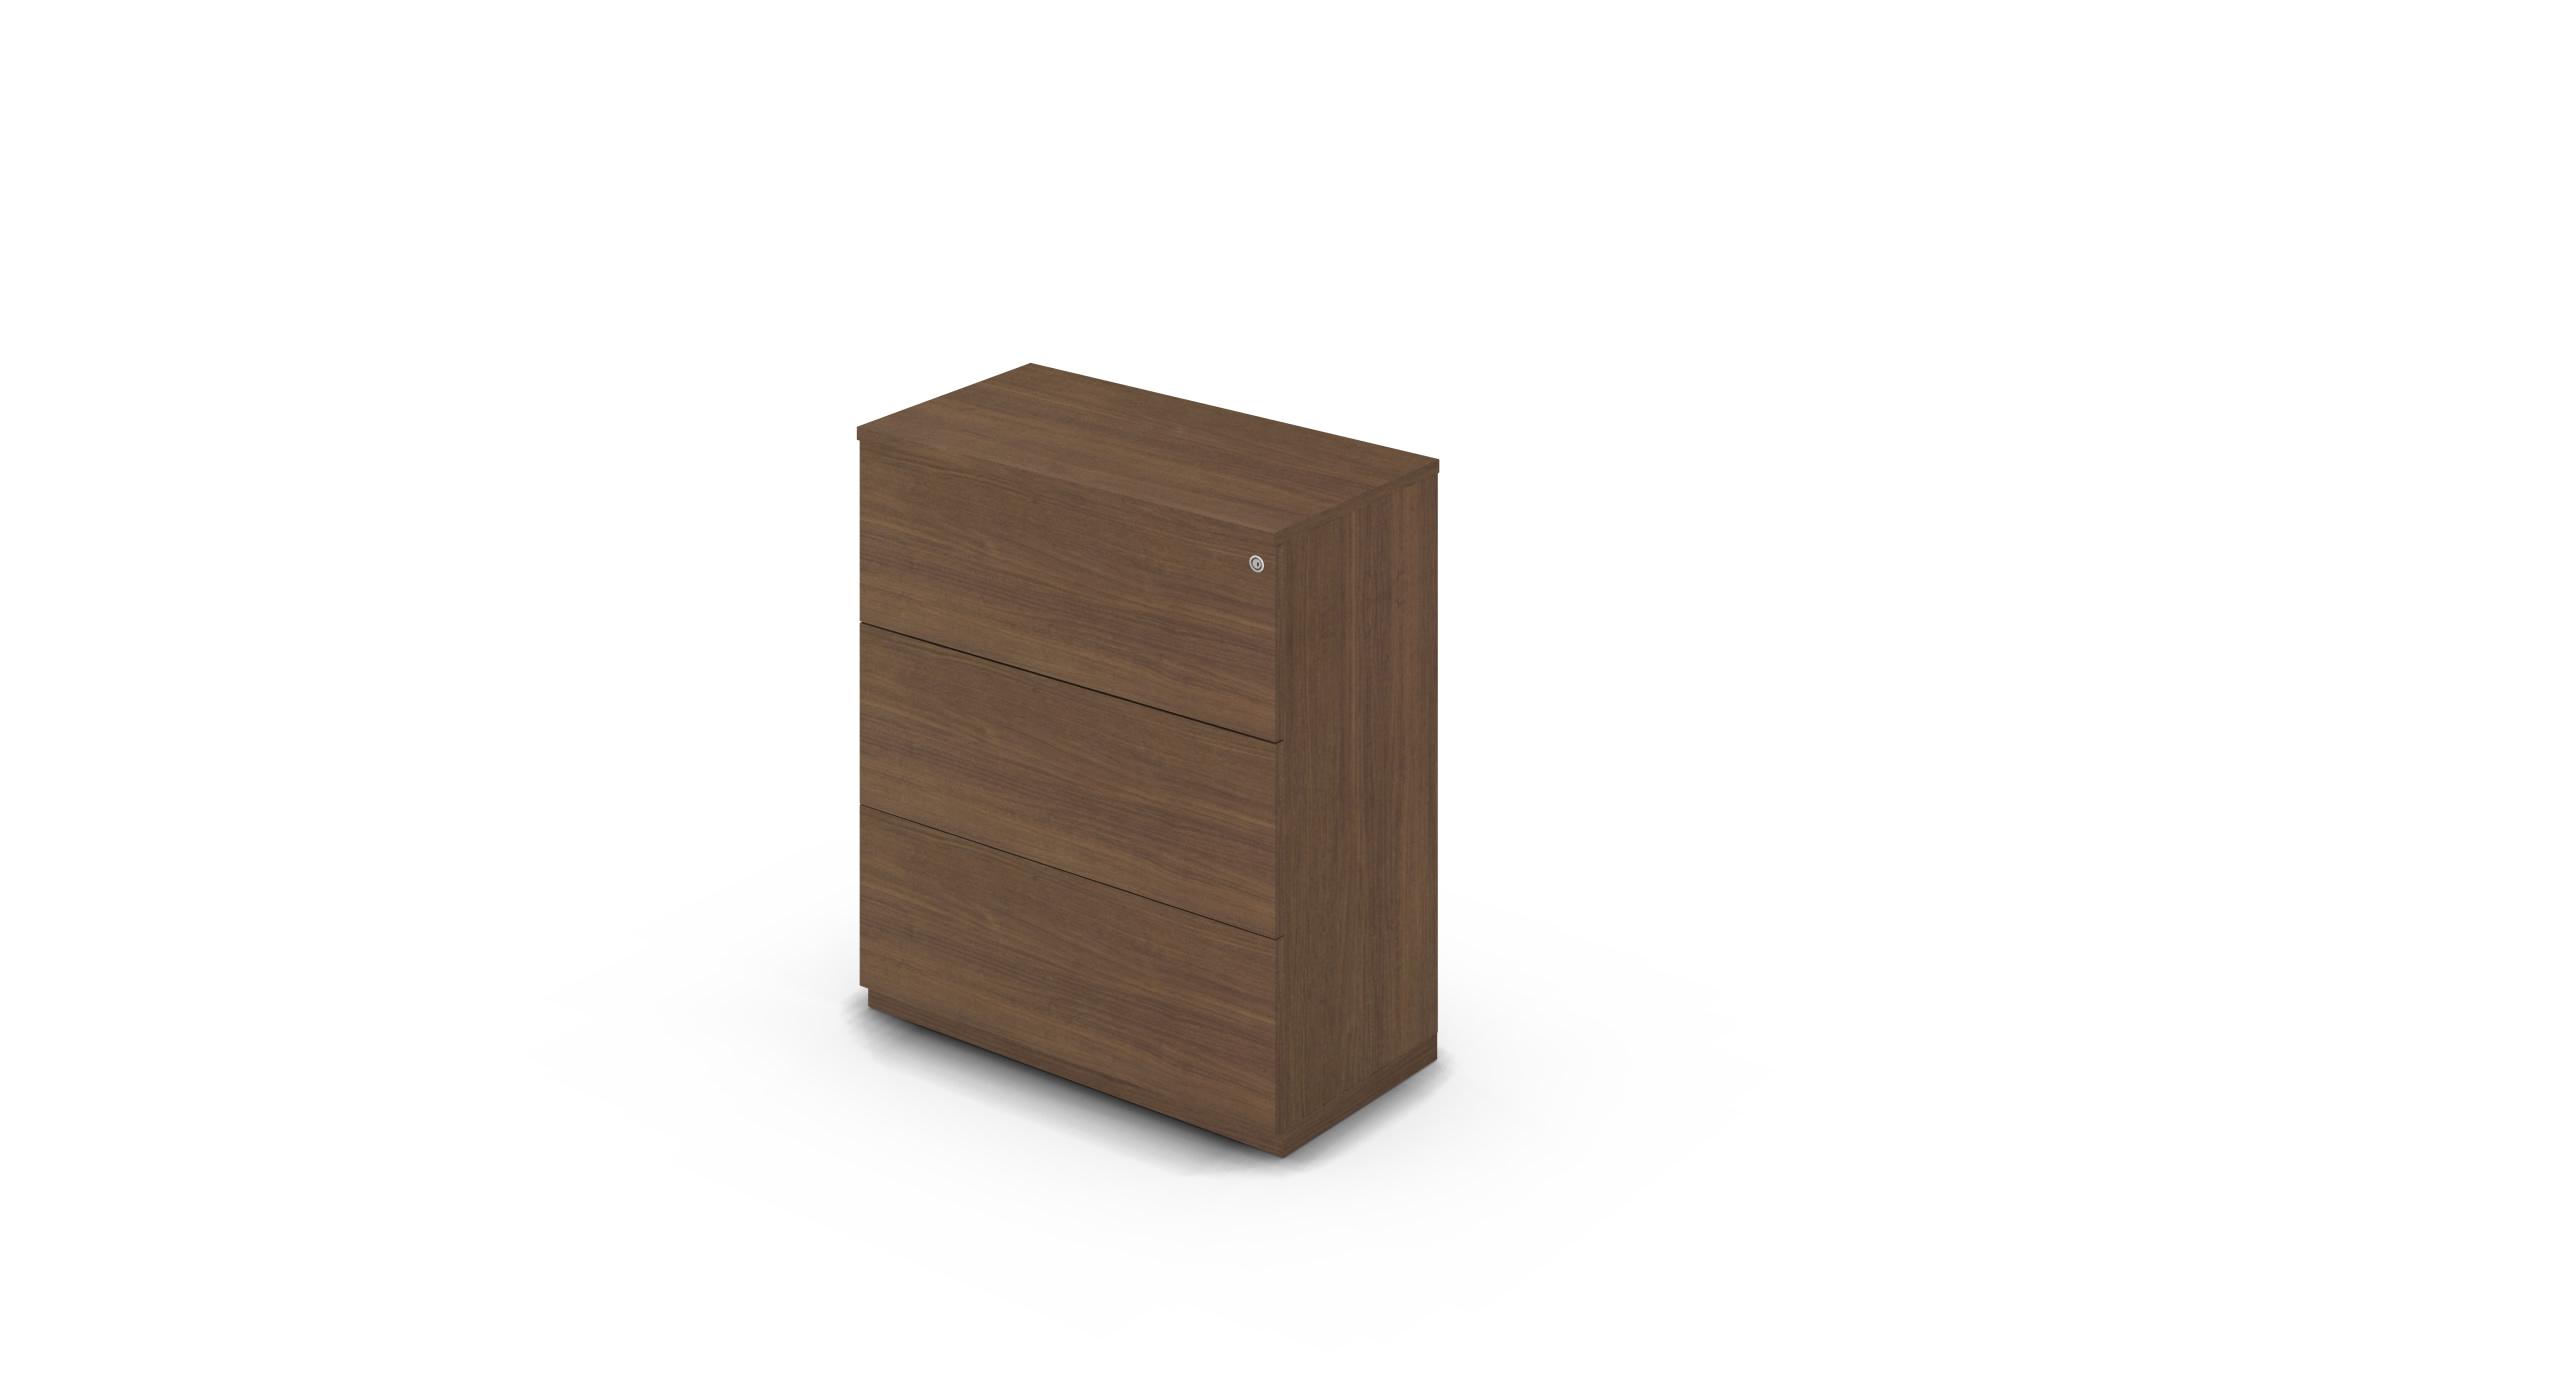 Cabinet_900x450x1125_DR_Walnut_Push_WithCylinder